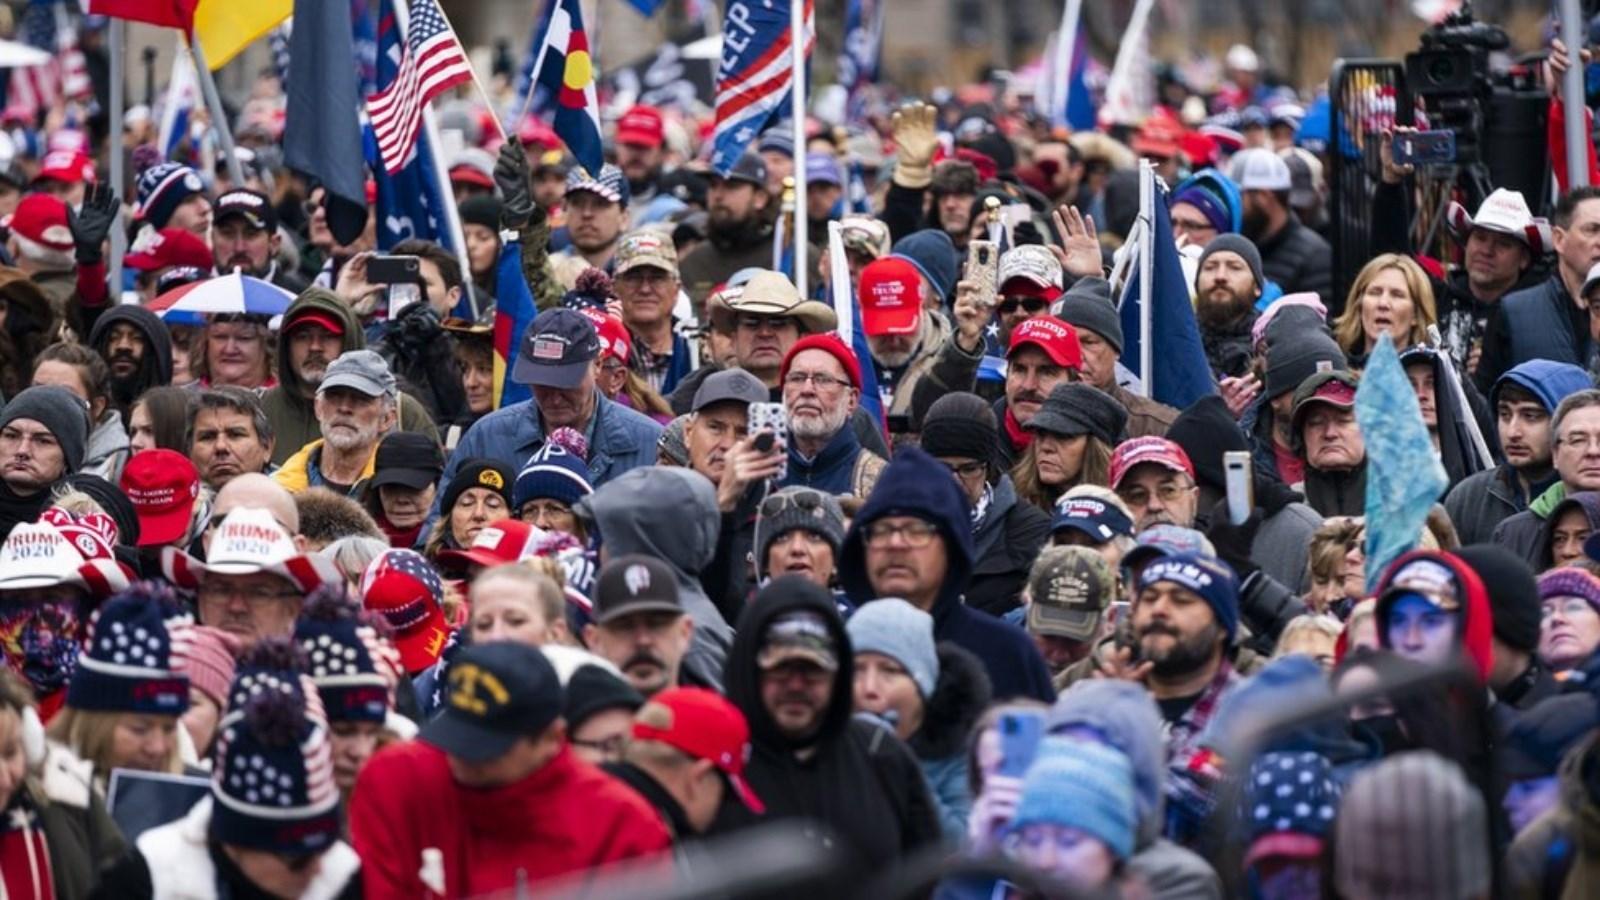 مؤيدو الرئيس المنتهية ولايته دونالد ترامب يتجمهرون للتنديد بتوجه الكونغرس لحسم النتيجة لصالح الديموقراطي جو بايدن